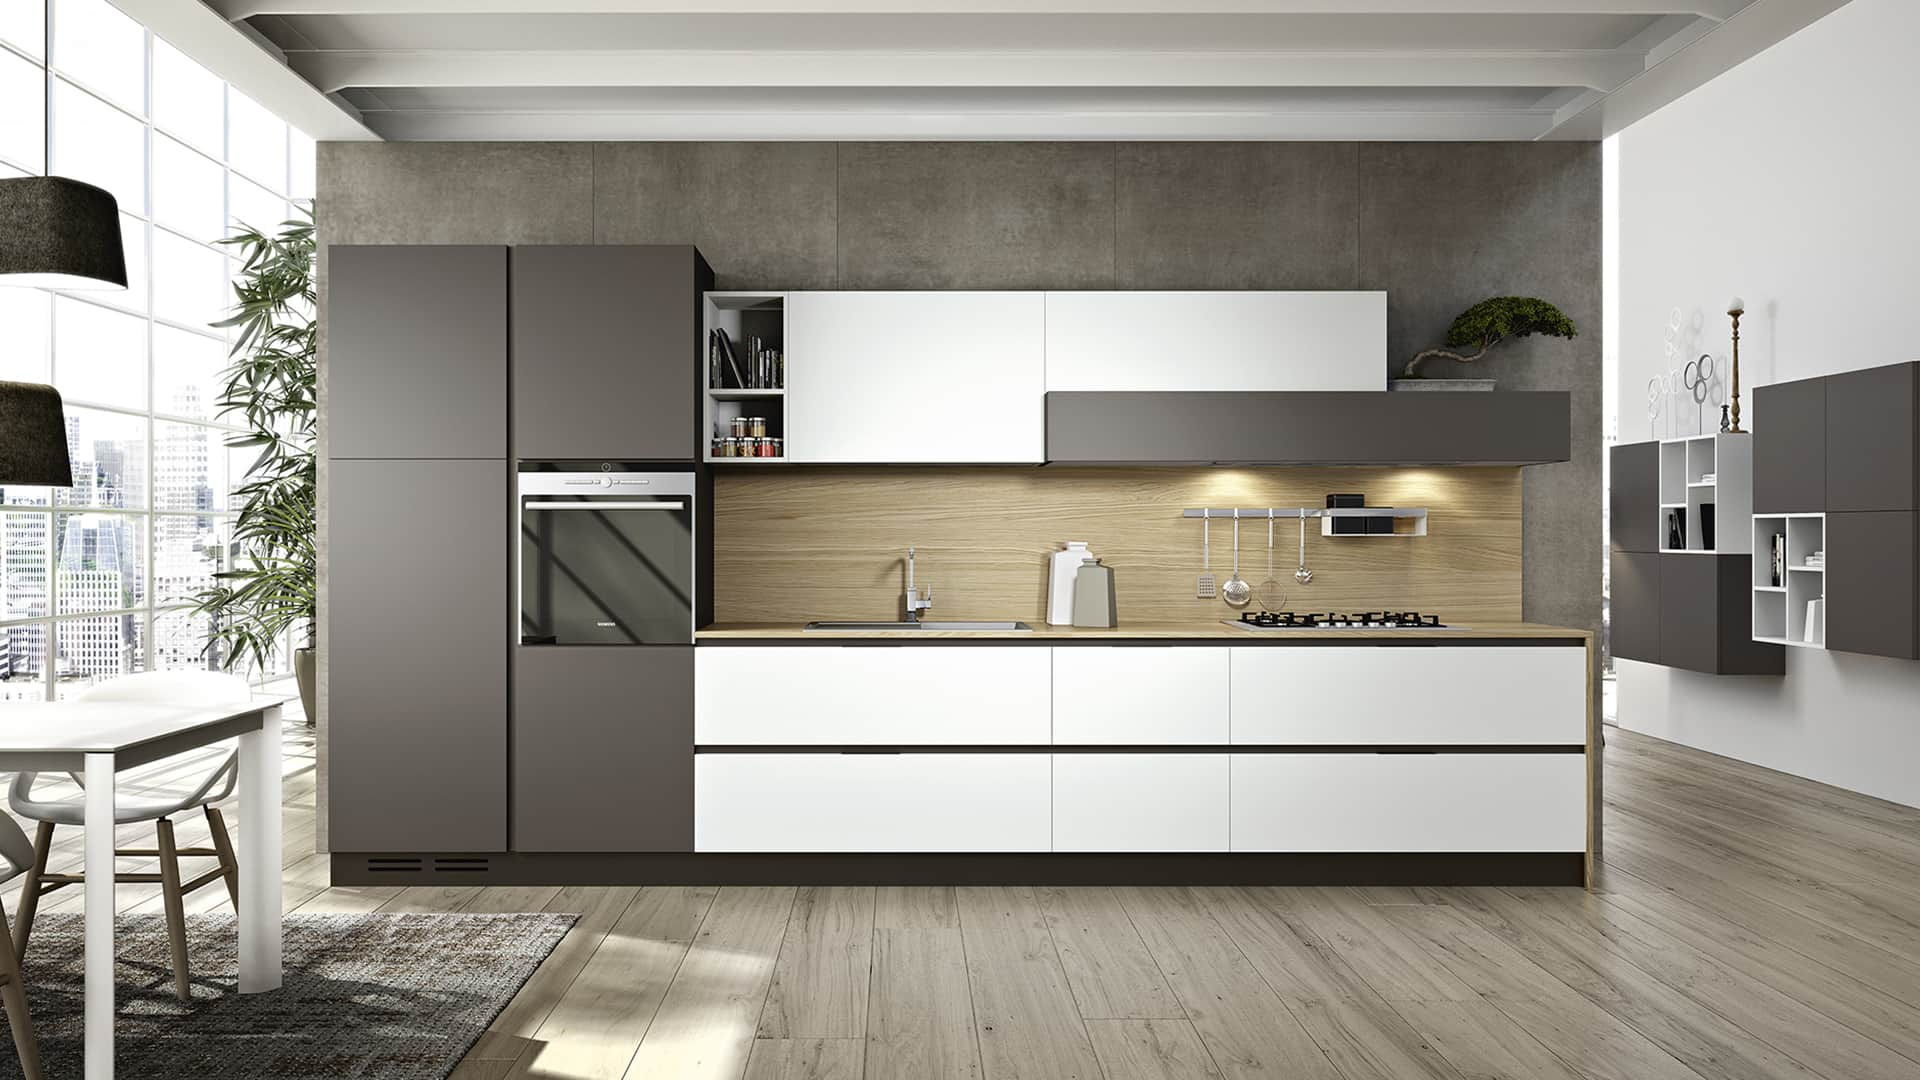 Cucine lineari moderne padova anche in offerta - Cucine d arredo ...